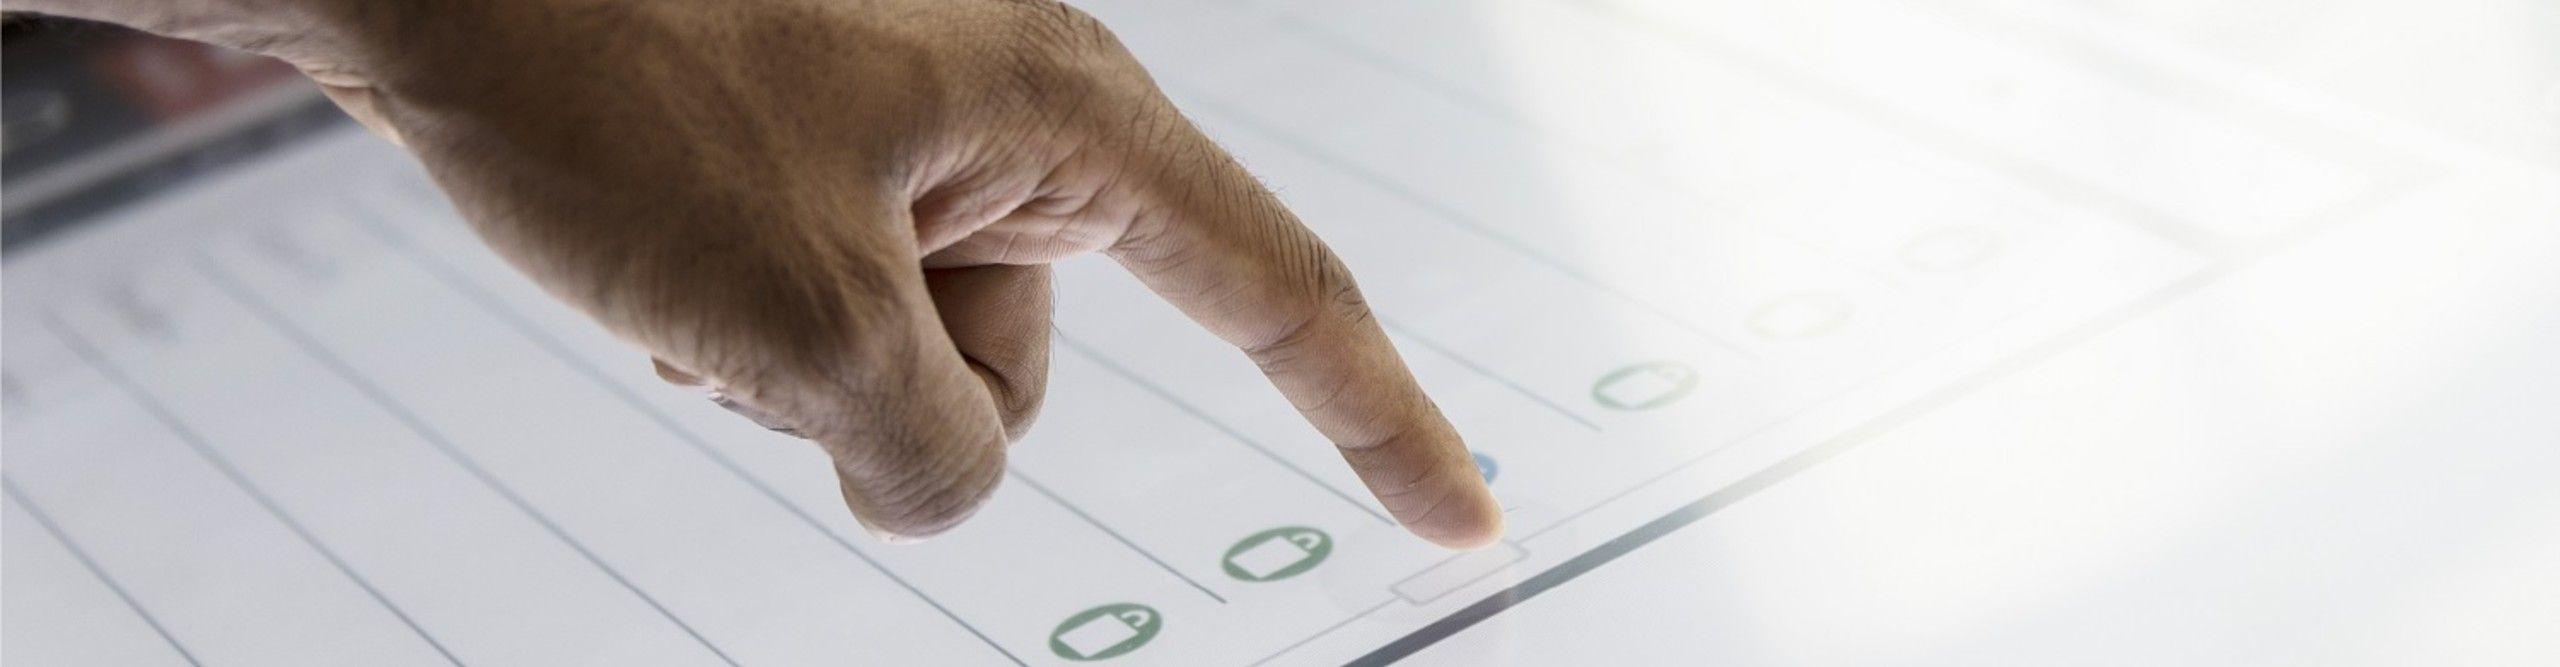 Weißer Touchscreen mit Hand